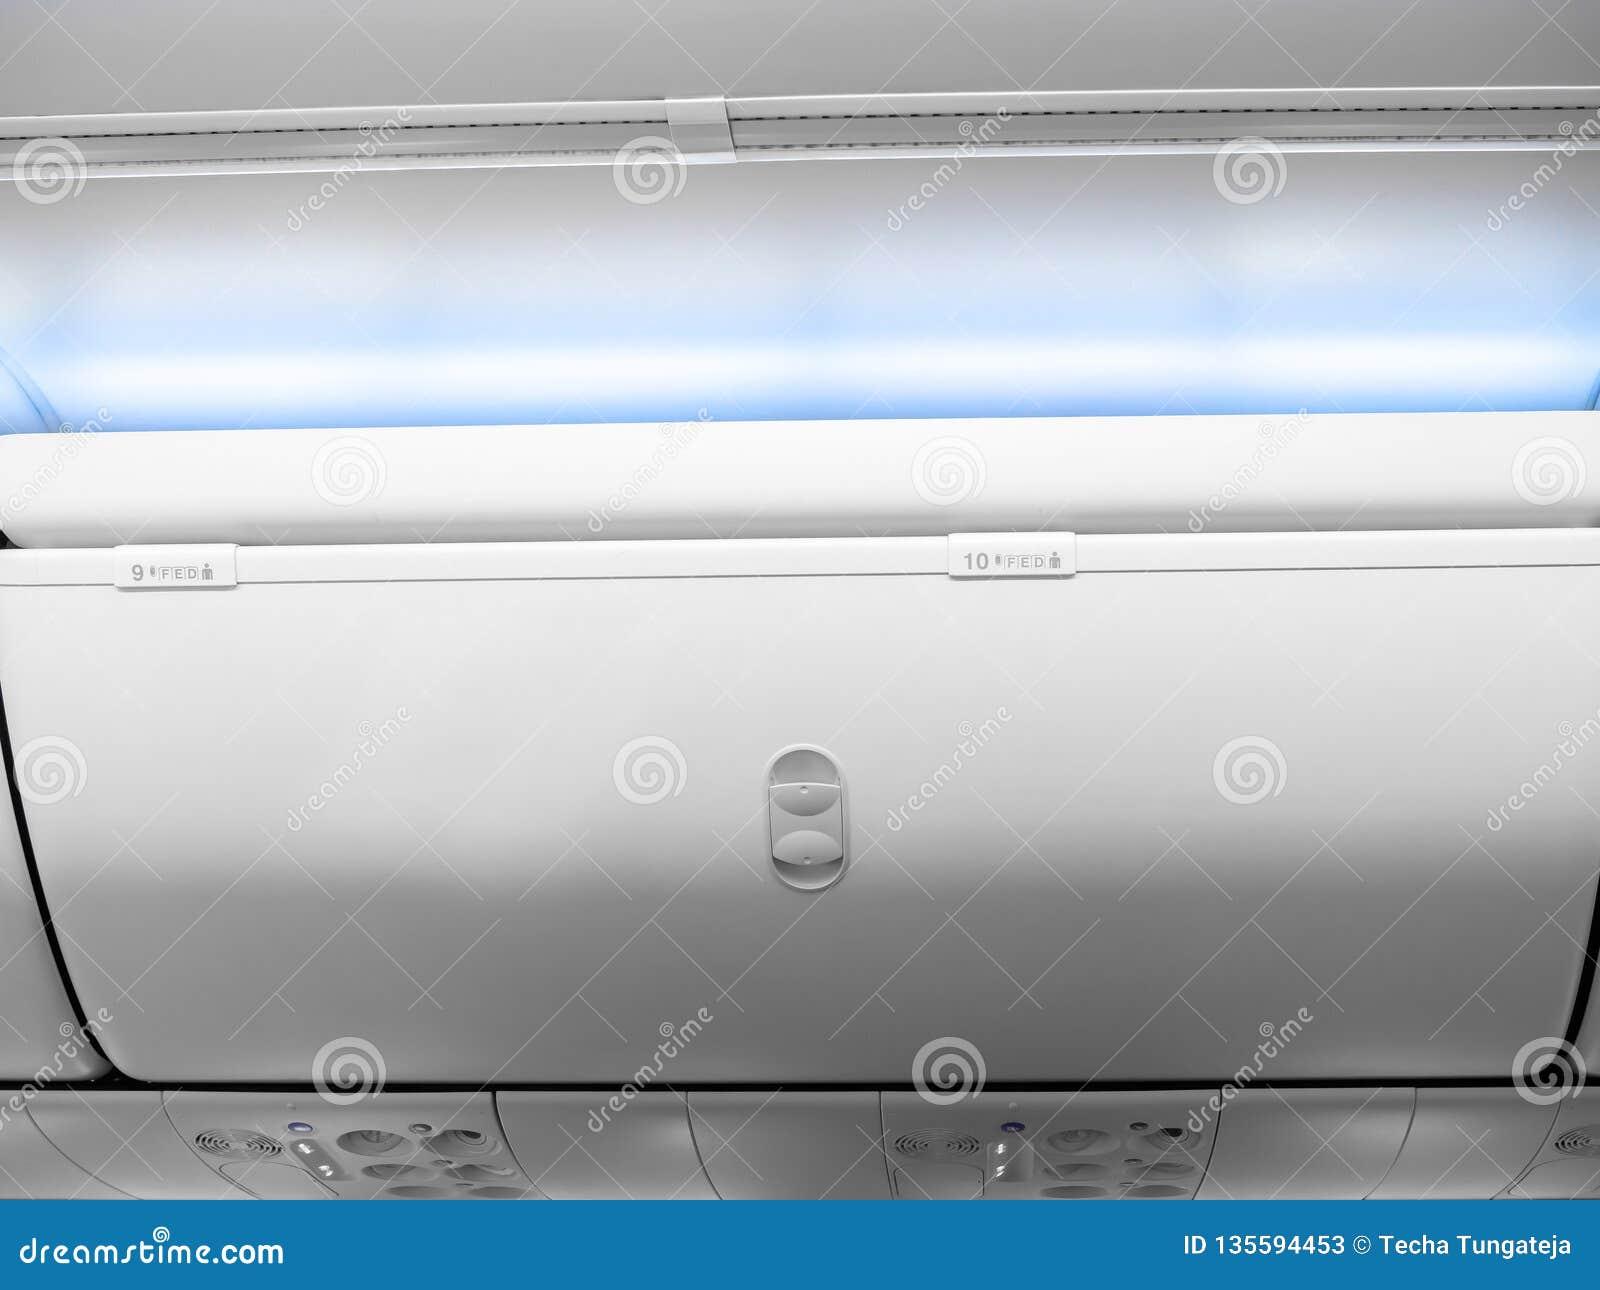 Cacifo de bagagem branco número 9 e 10 com luz azul na classe de economia da cabine no avião comercial